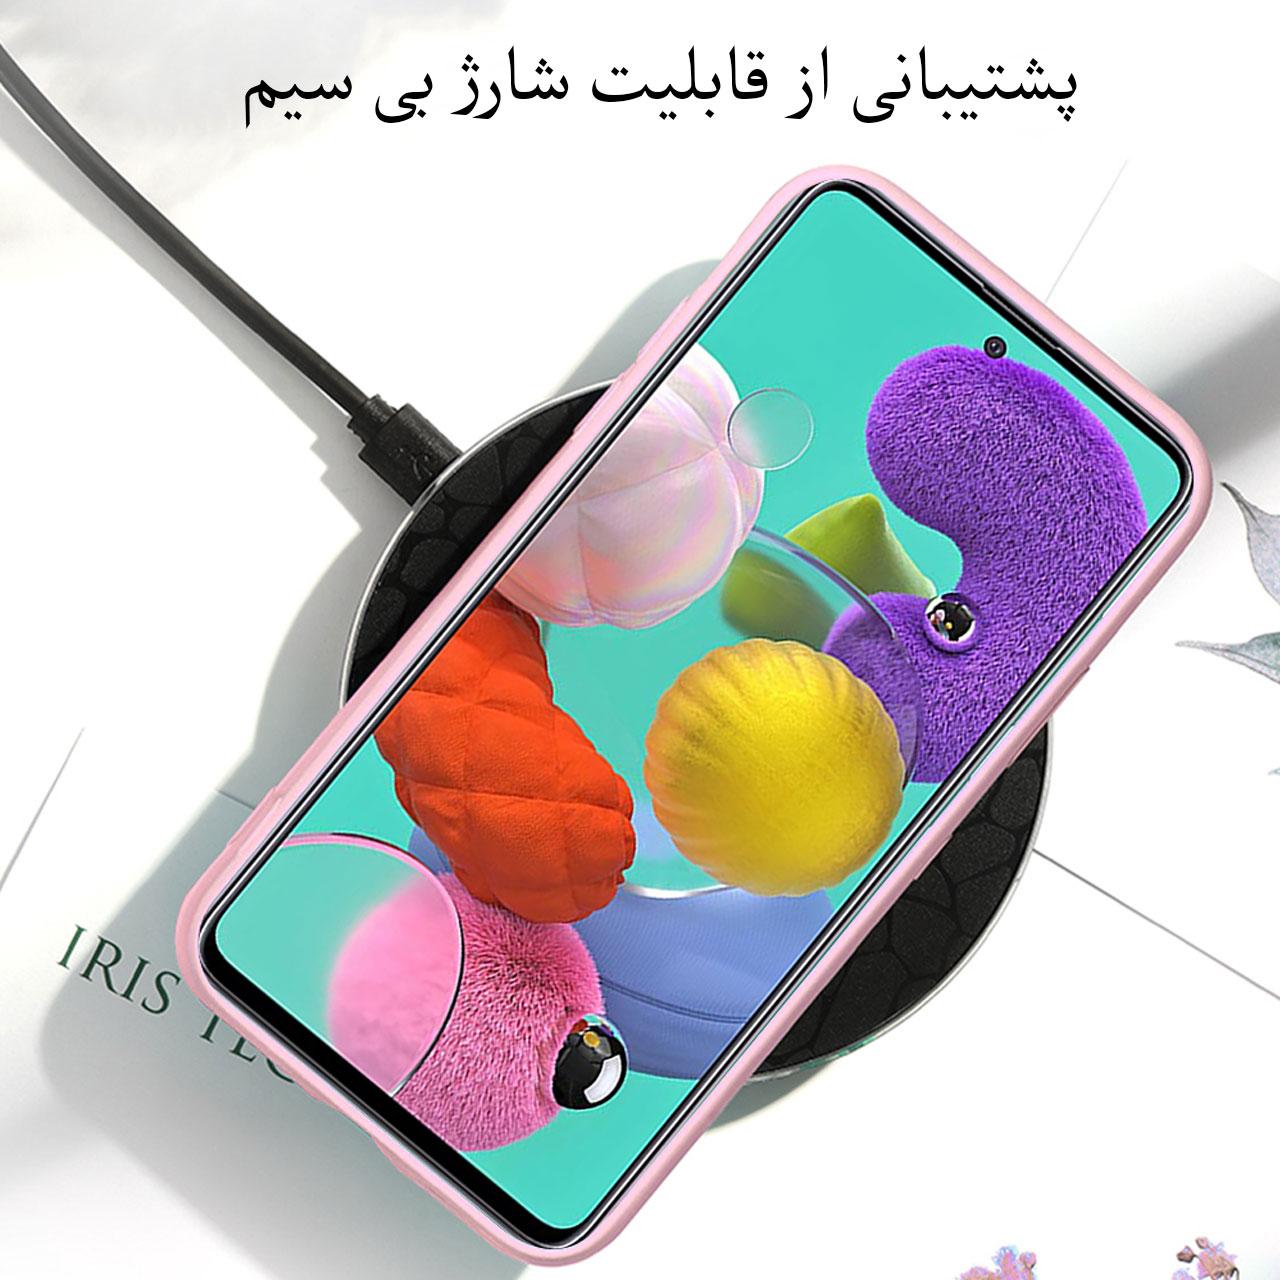 کاور مدل SLCN مناسب برای گوشی موبایل سامسونگ Galaxy A71 main 1 10